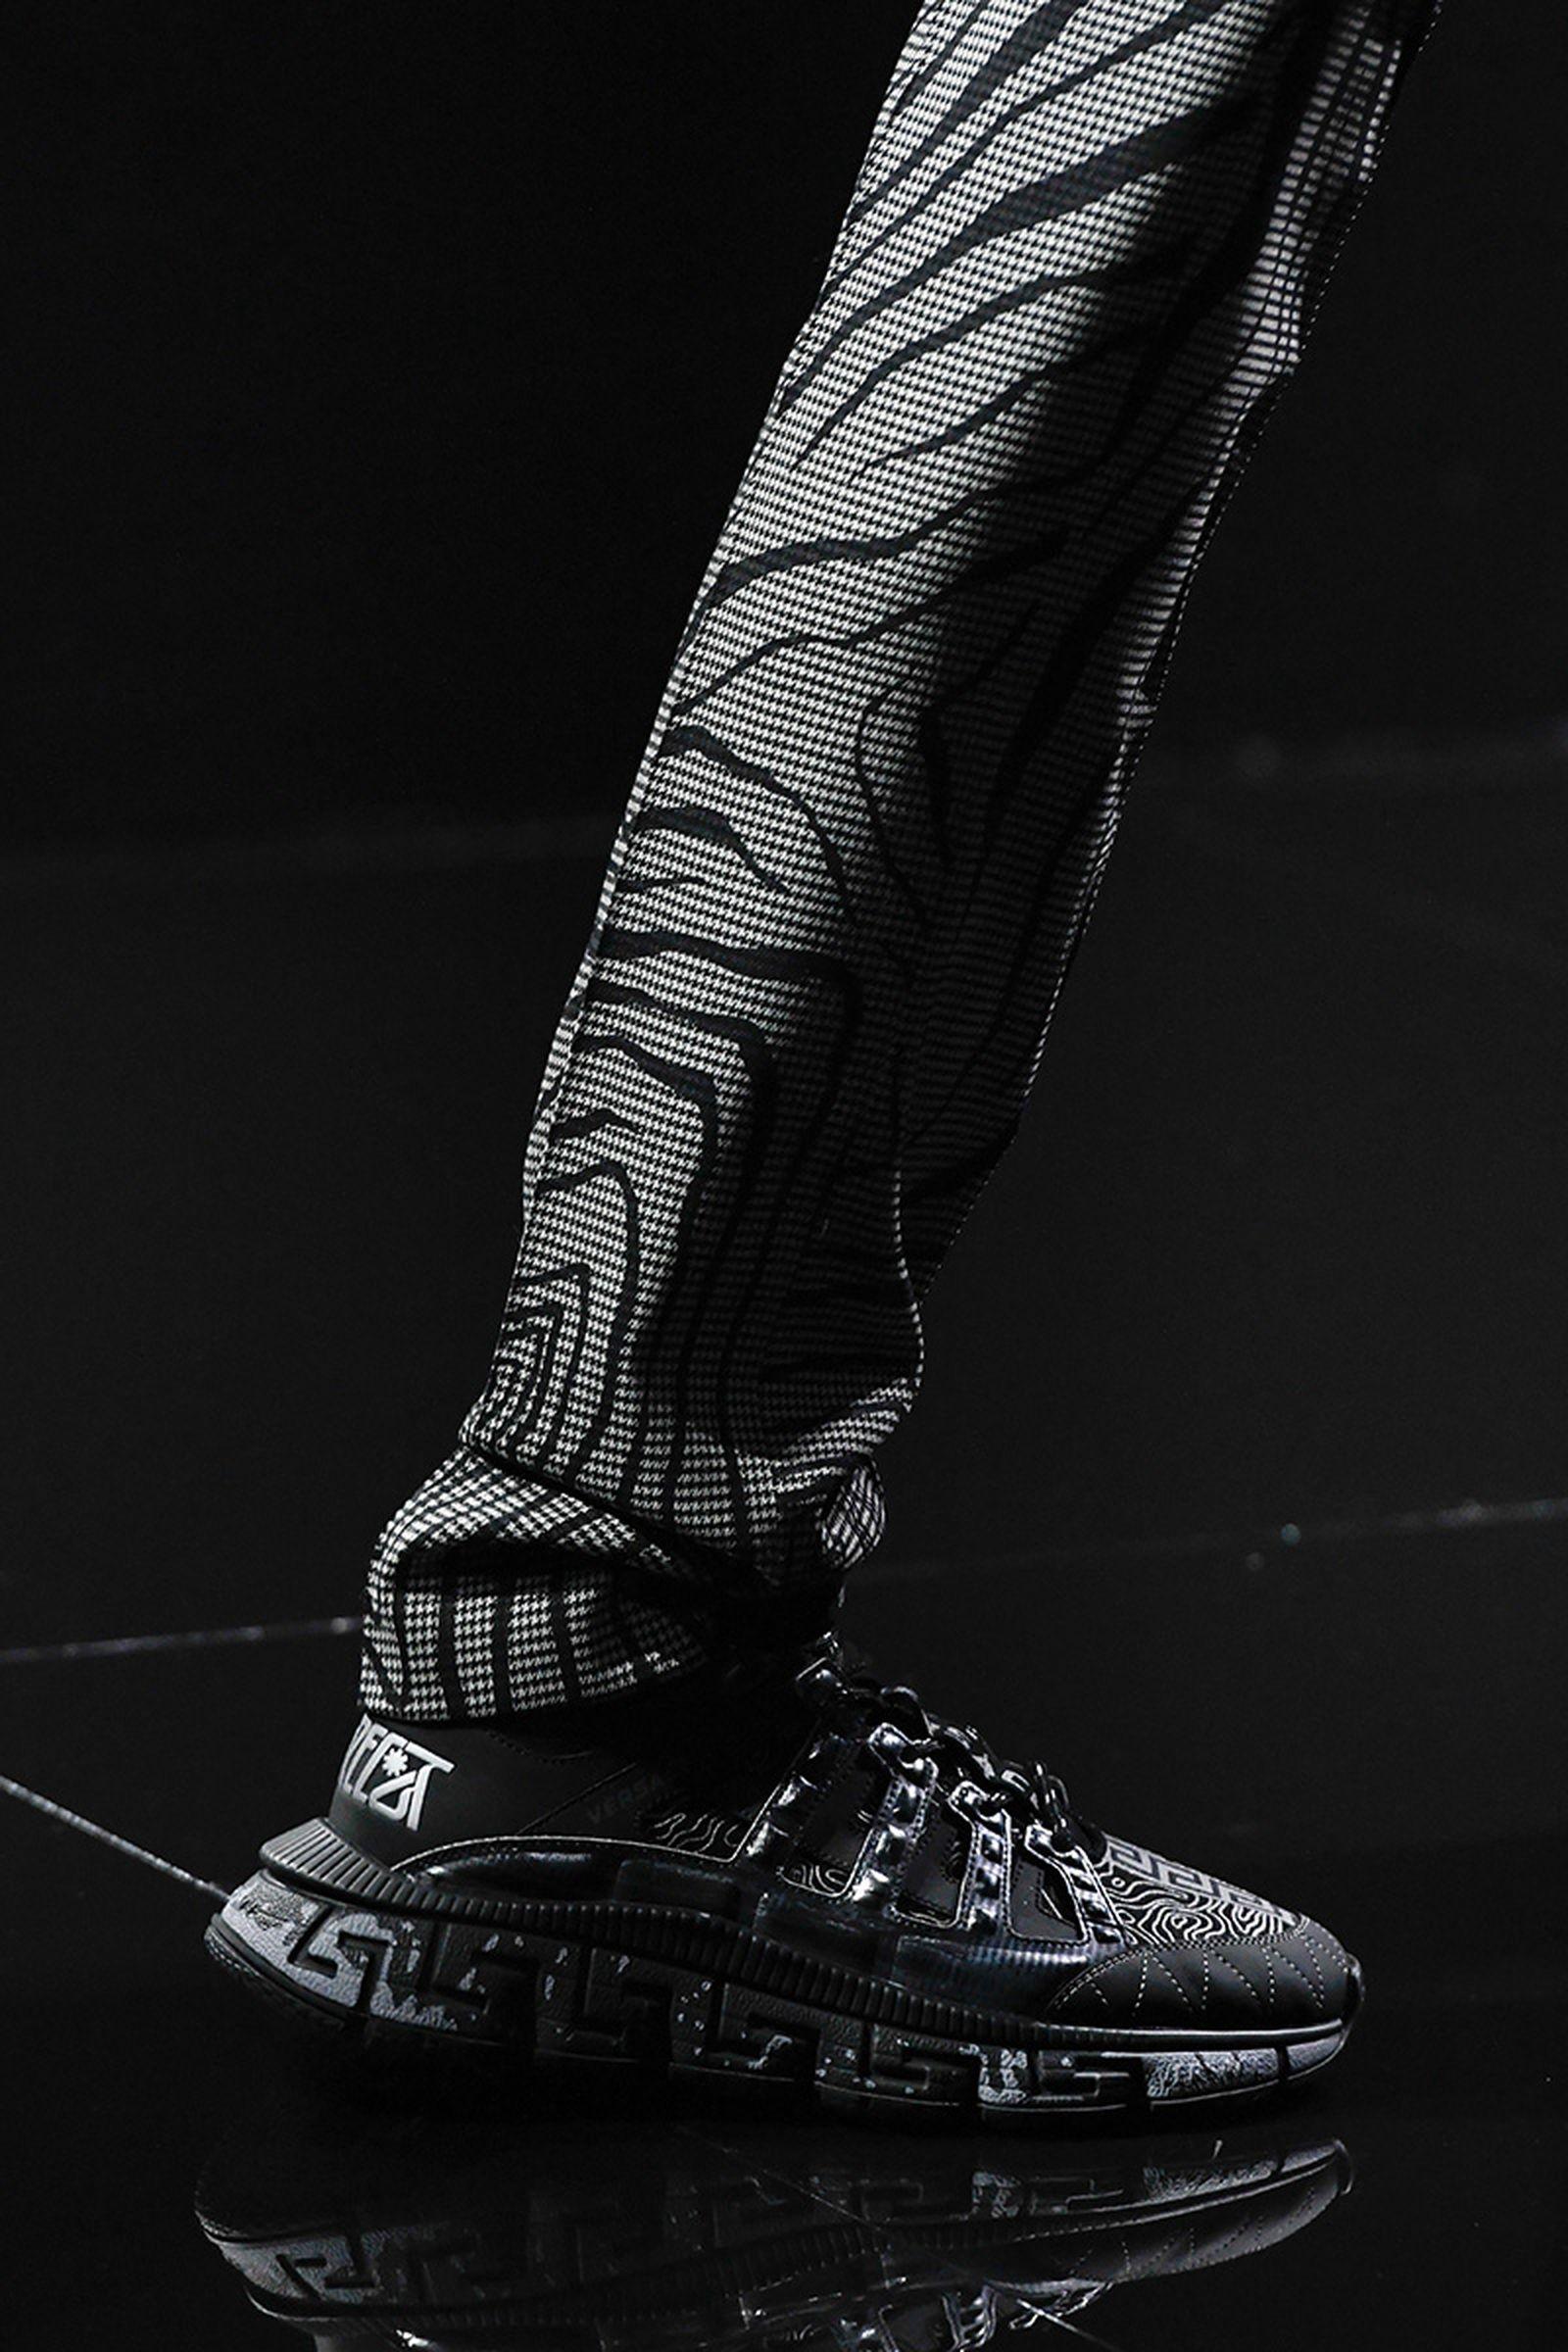 versace-trigreca-sneaker-release-date-price-fw20-01